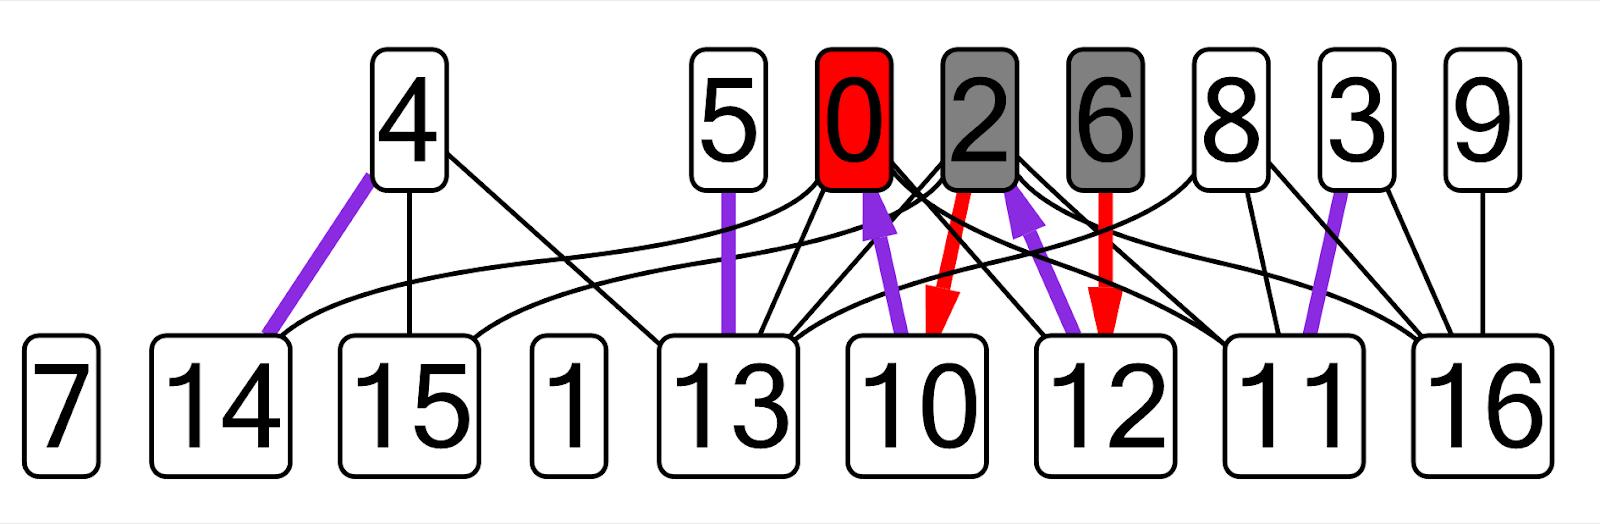 Отладка алгоритмов на графах — теперь с картинками - 4